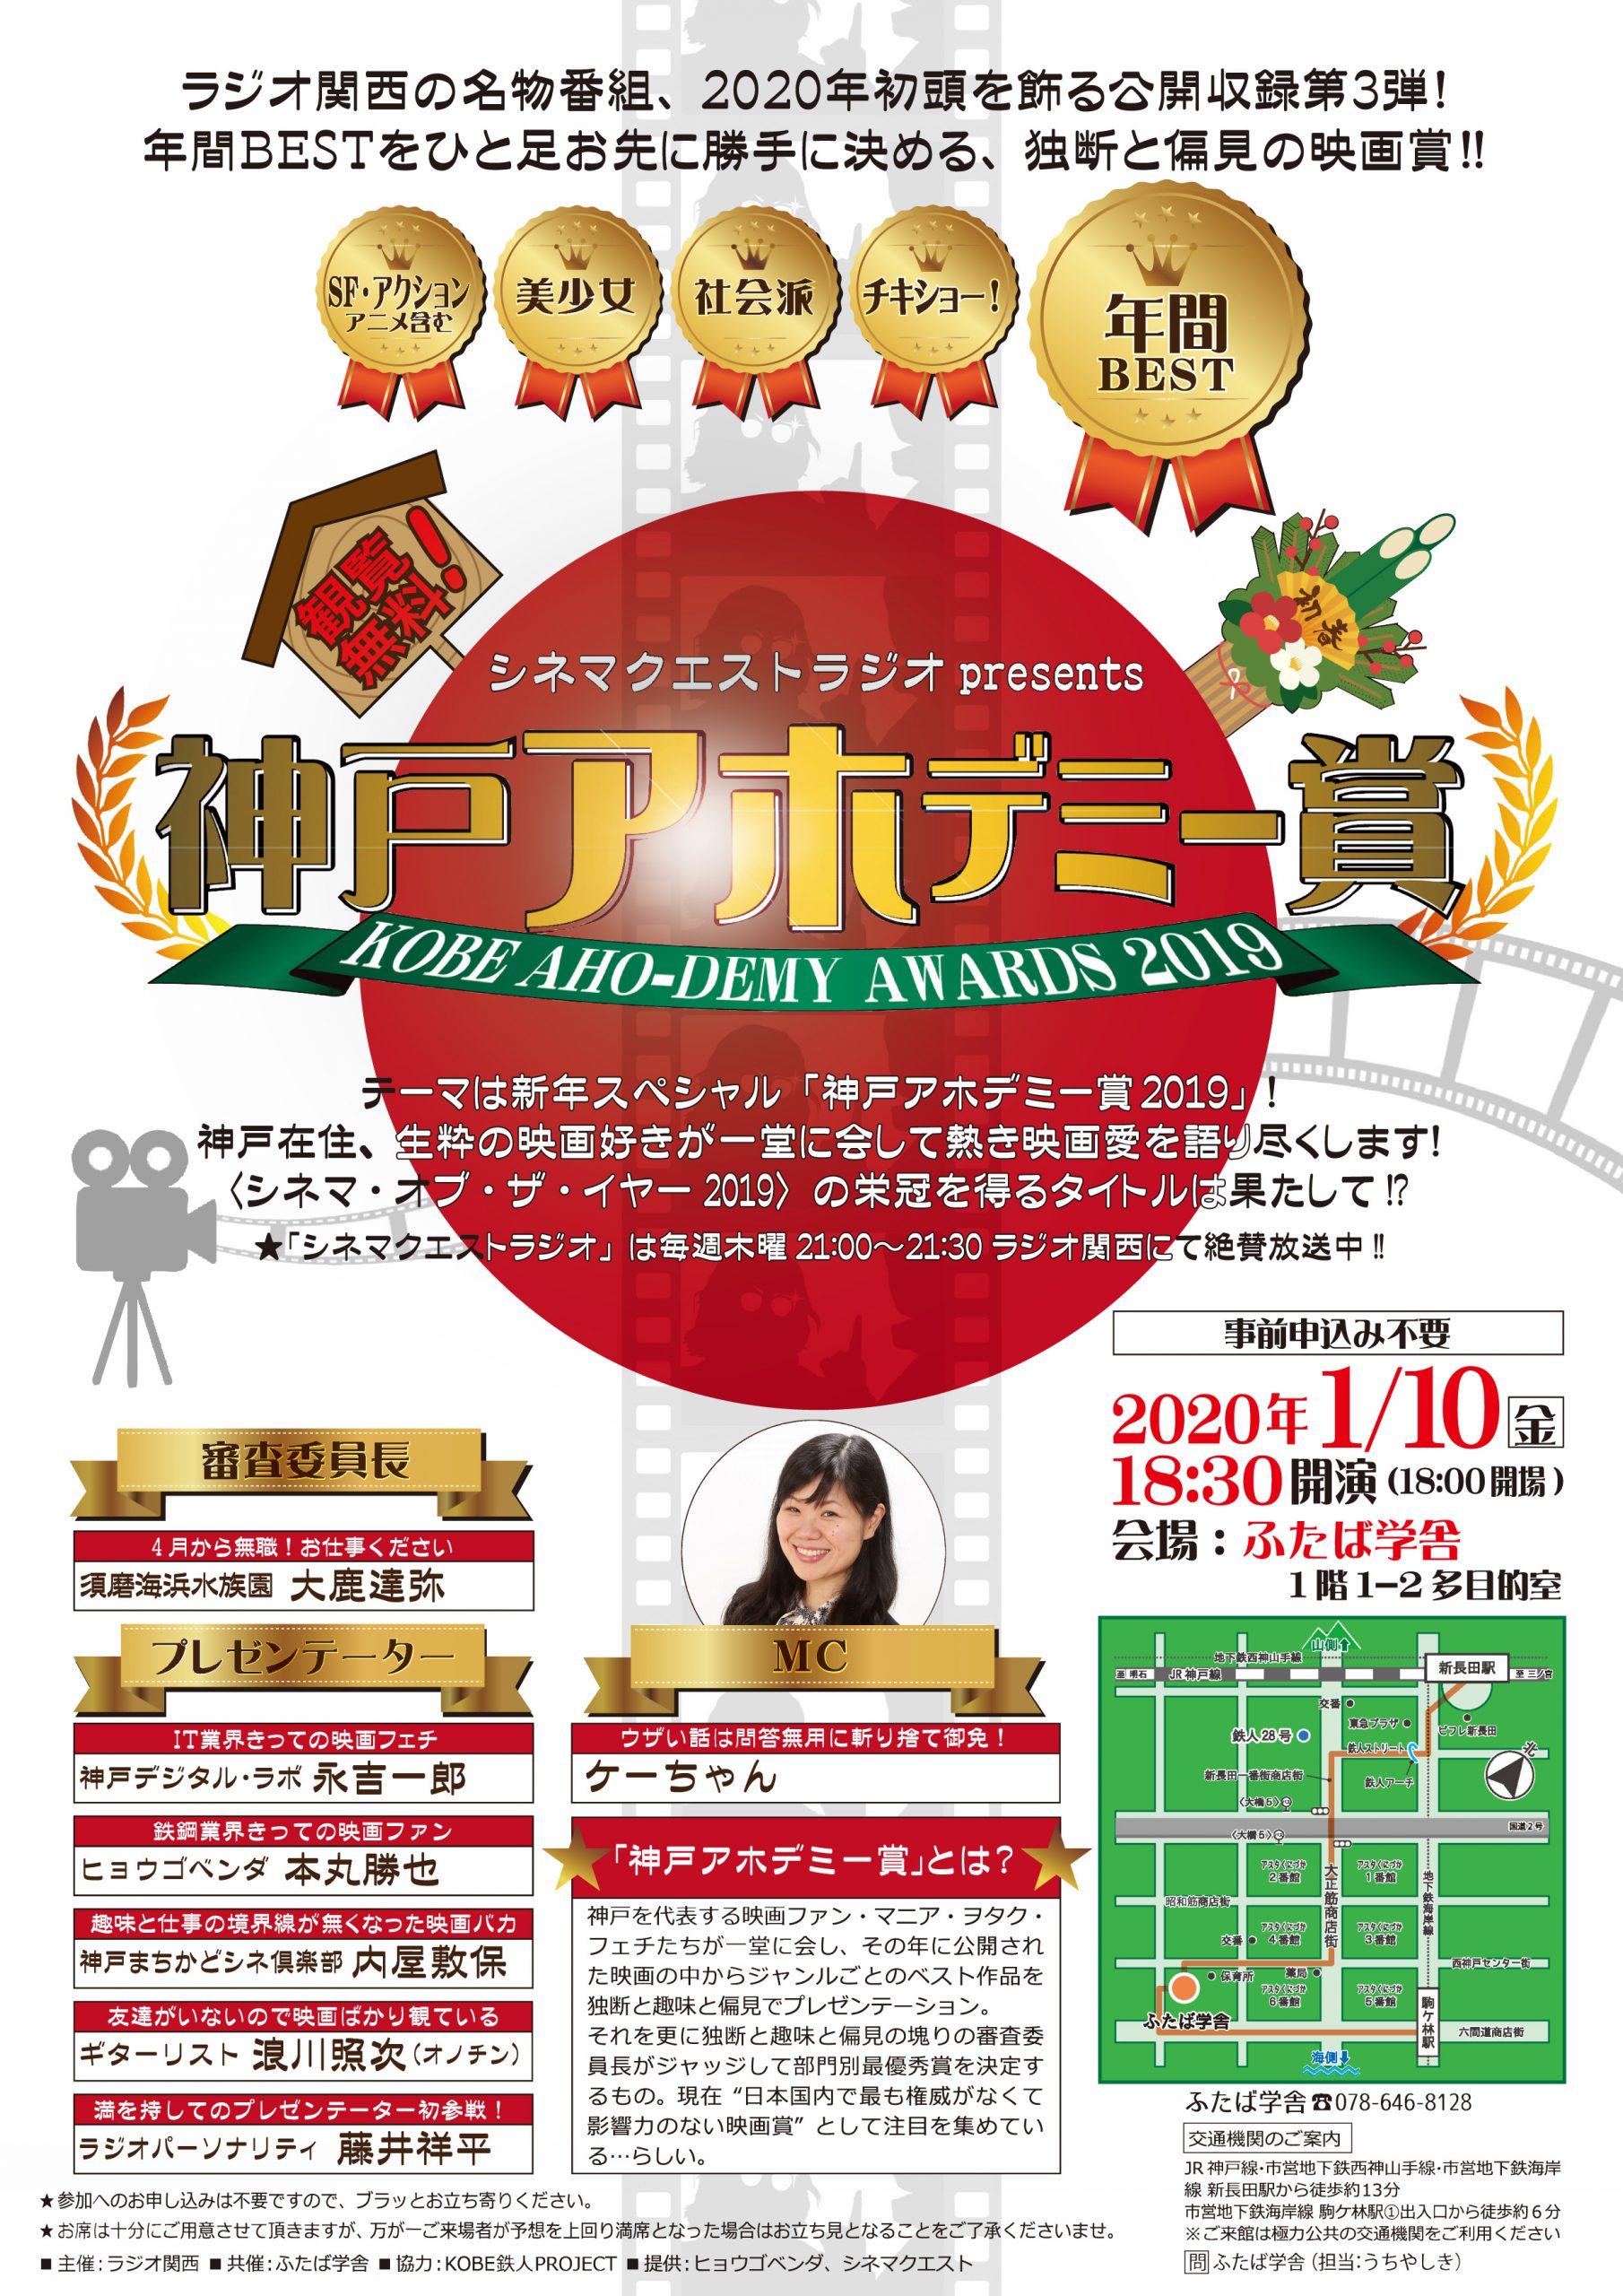 シネマクエストラジオpresents 神戸アホデミー賞